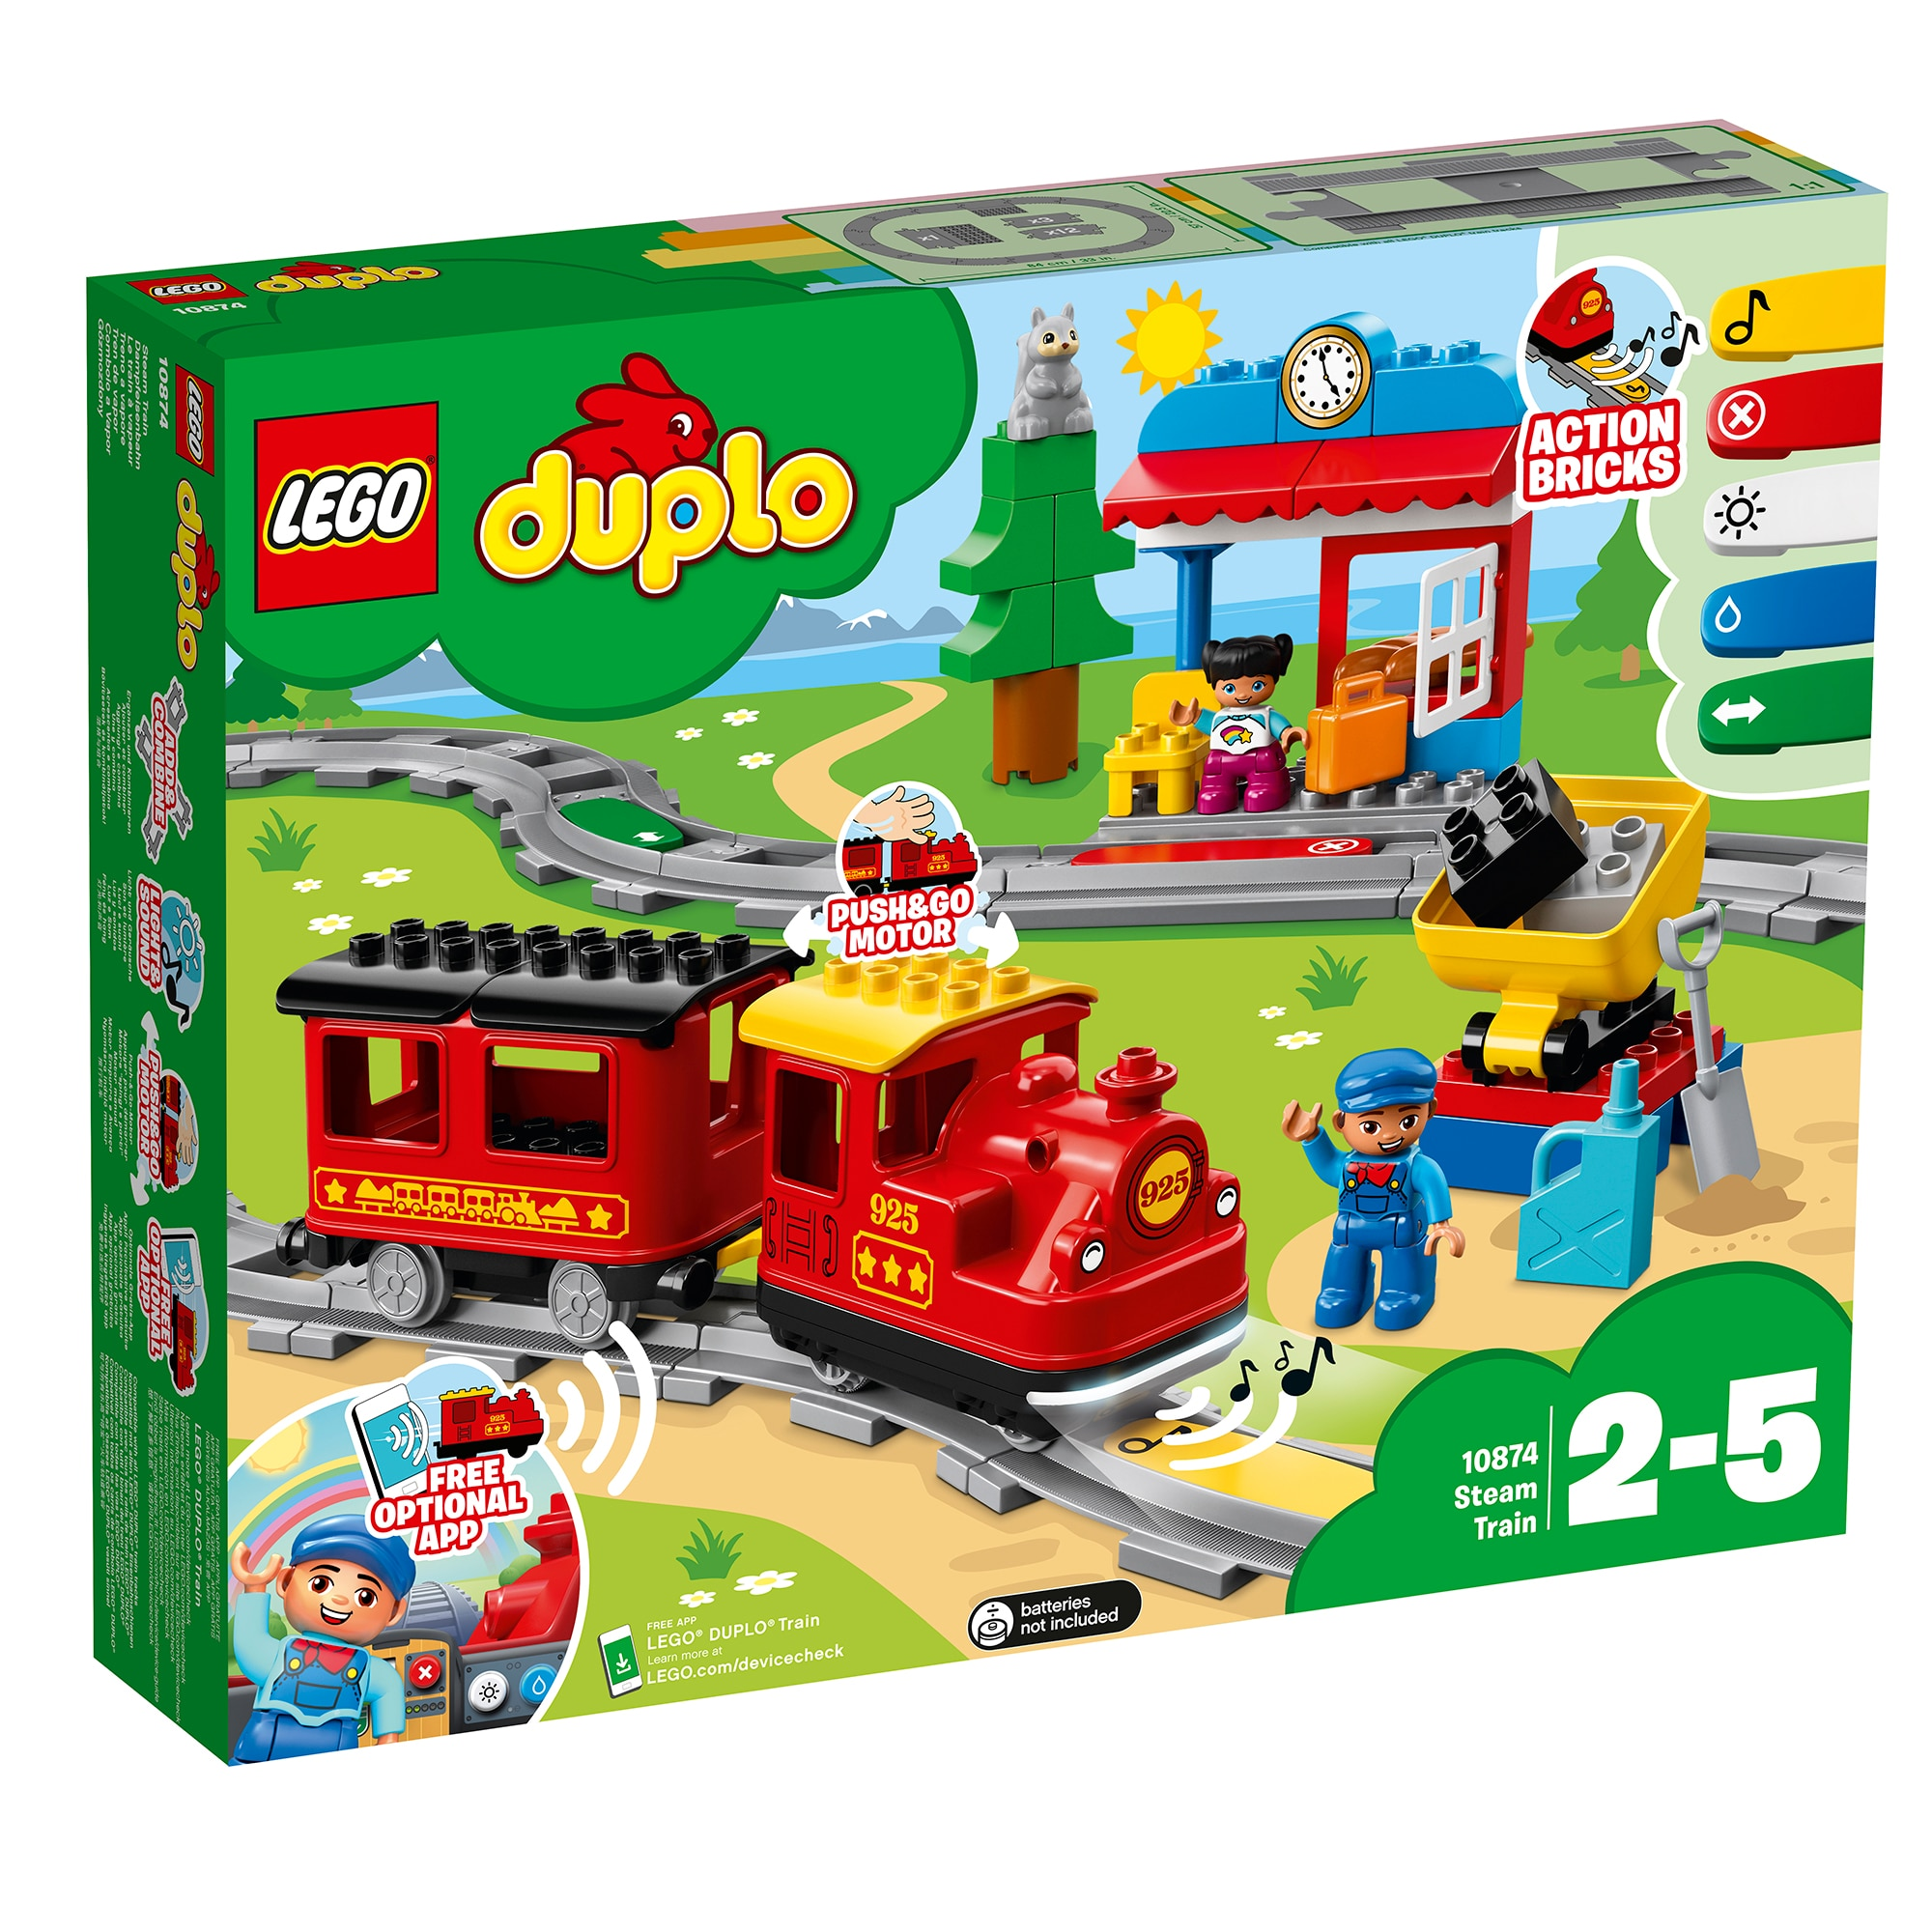 Fotografie LEGO DUPLO - Tren cu aburi 10874, 59 piese